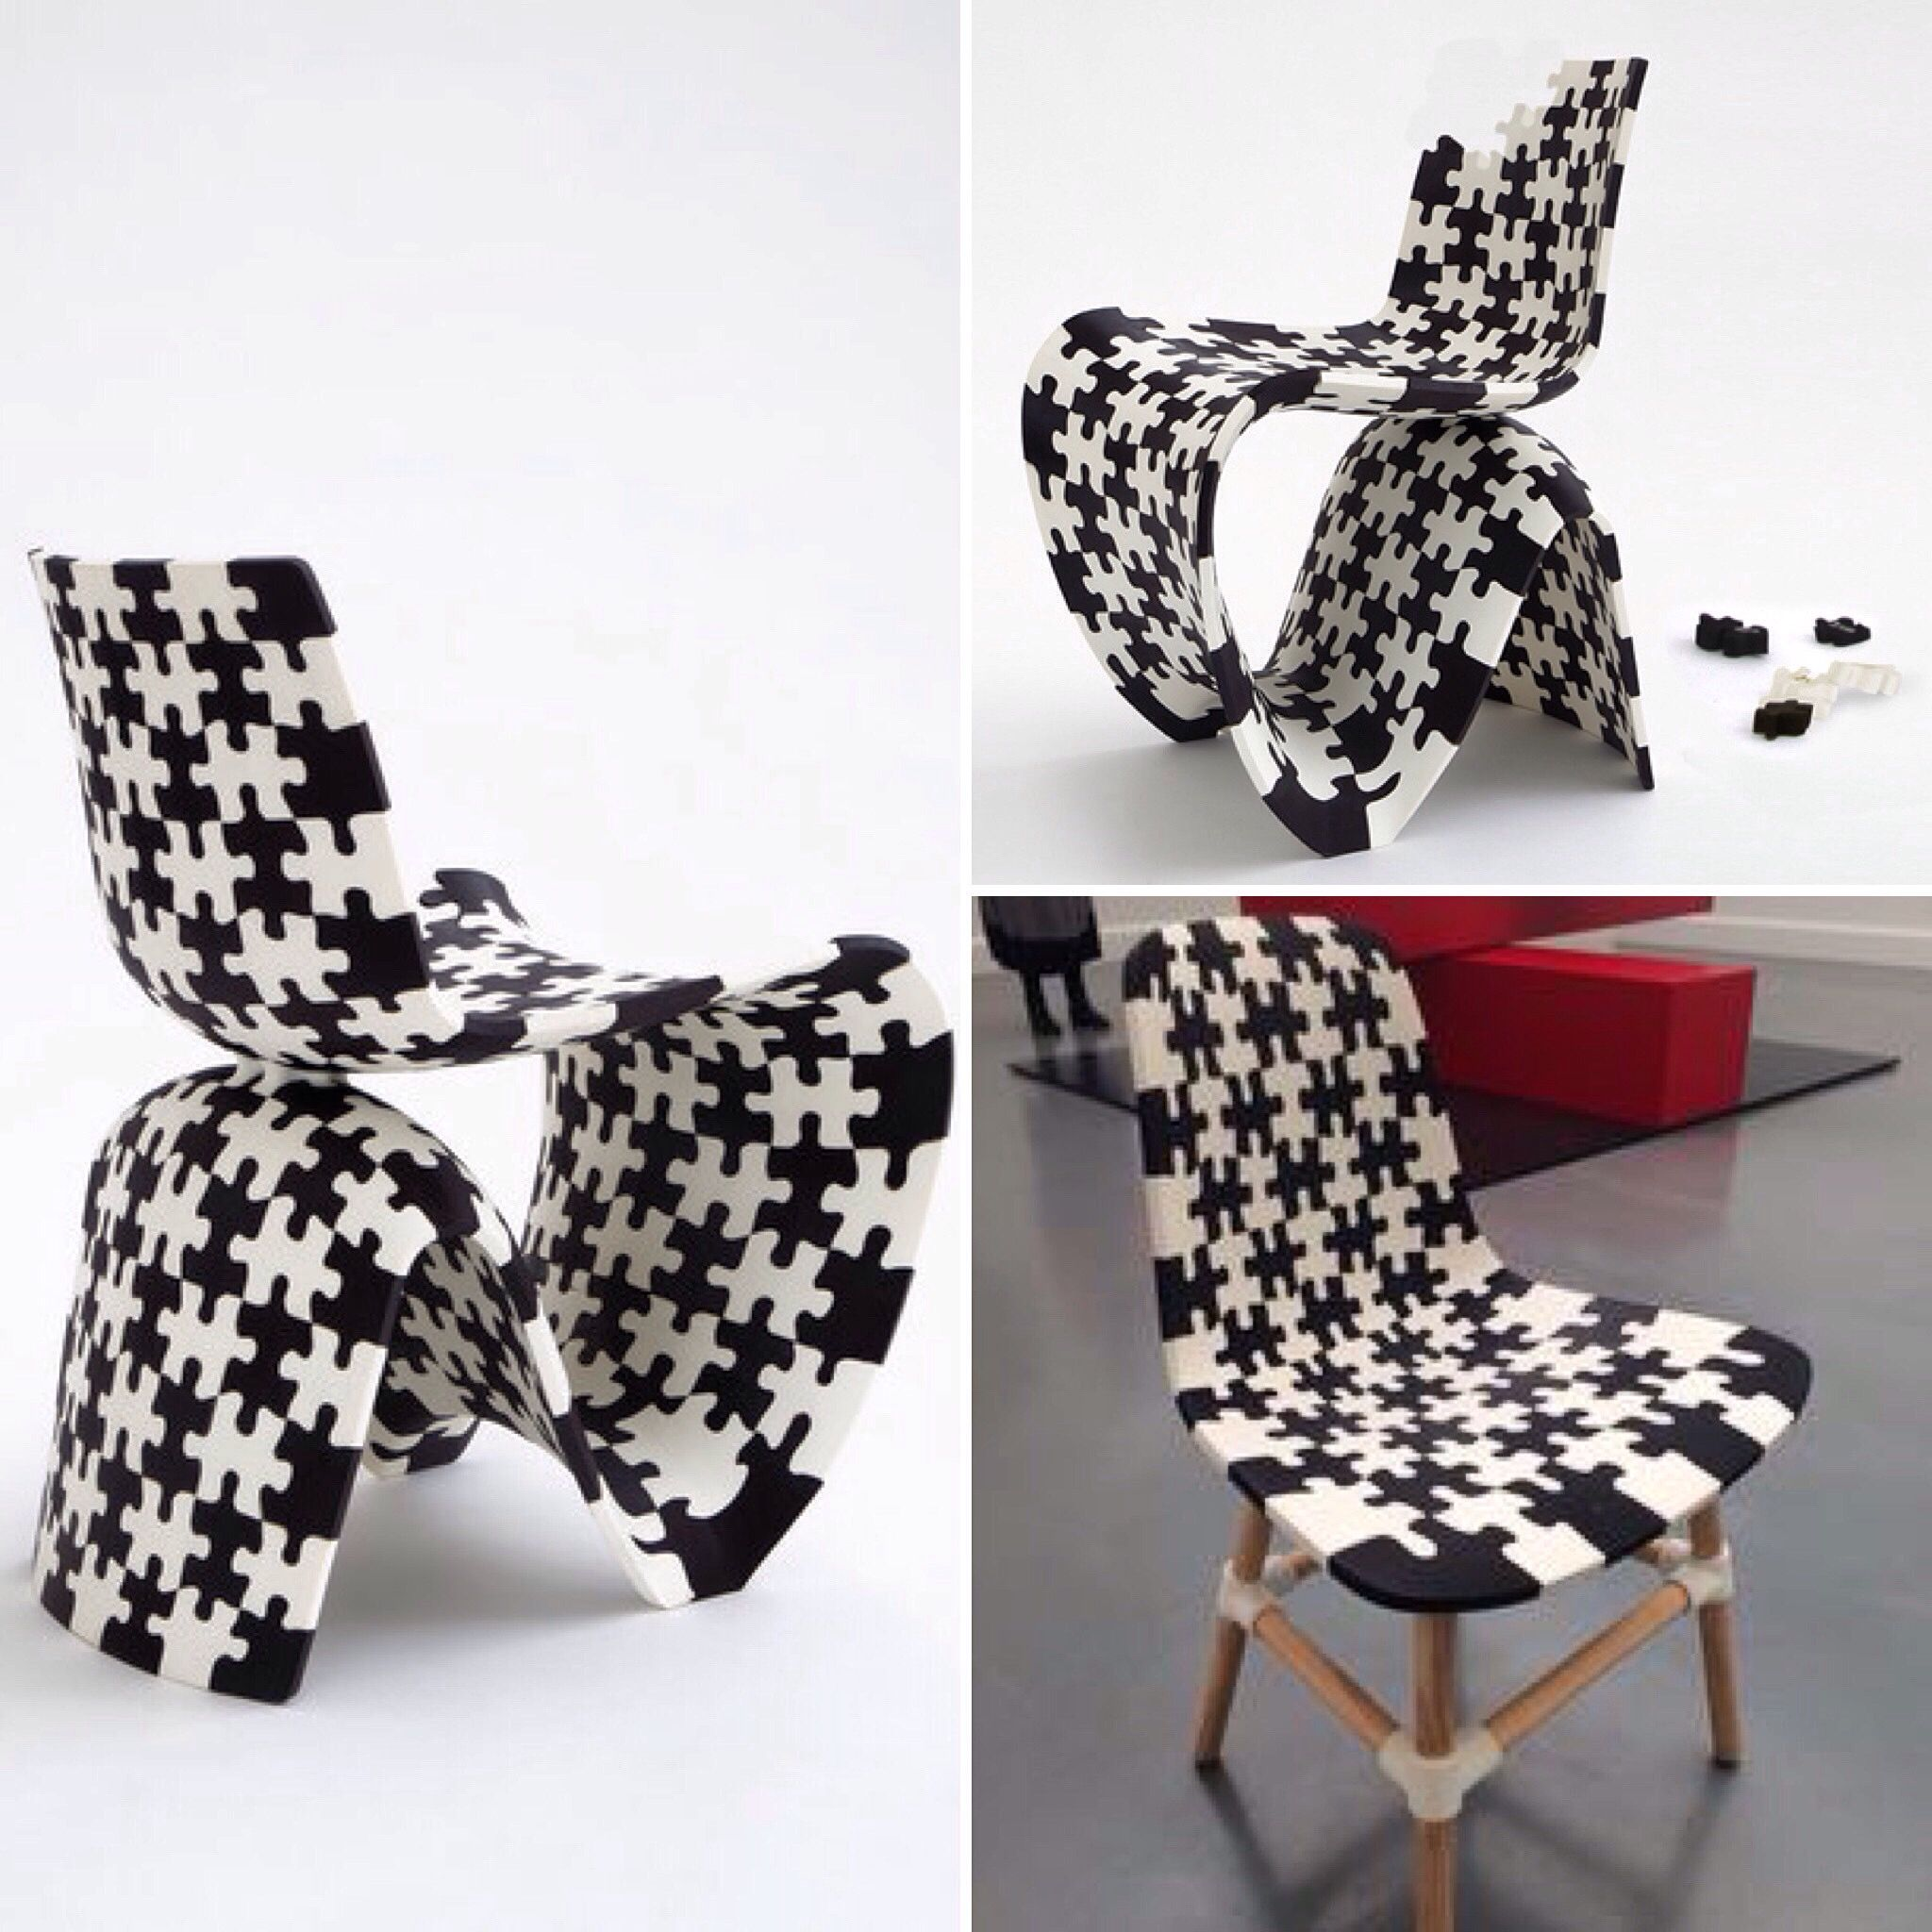 3D geprint puzzele chair van Joris Laarman.